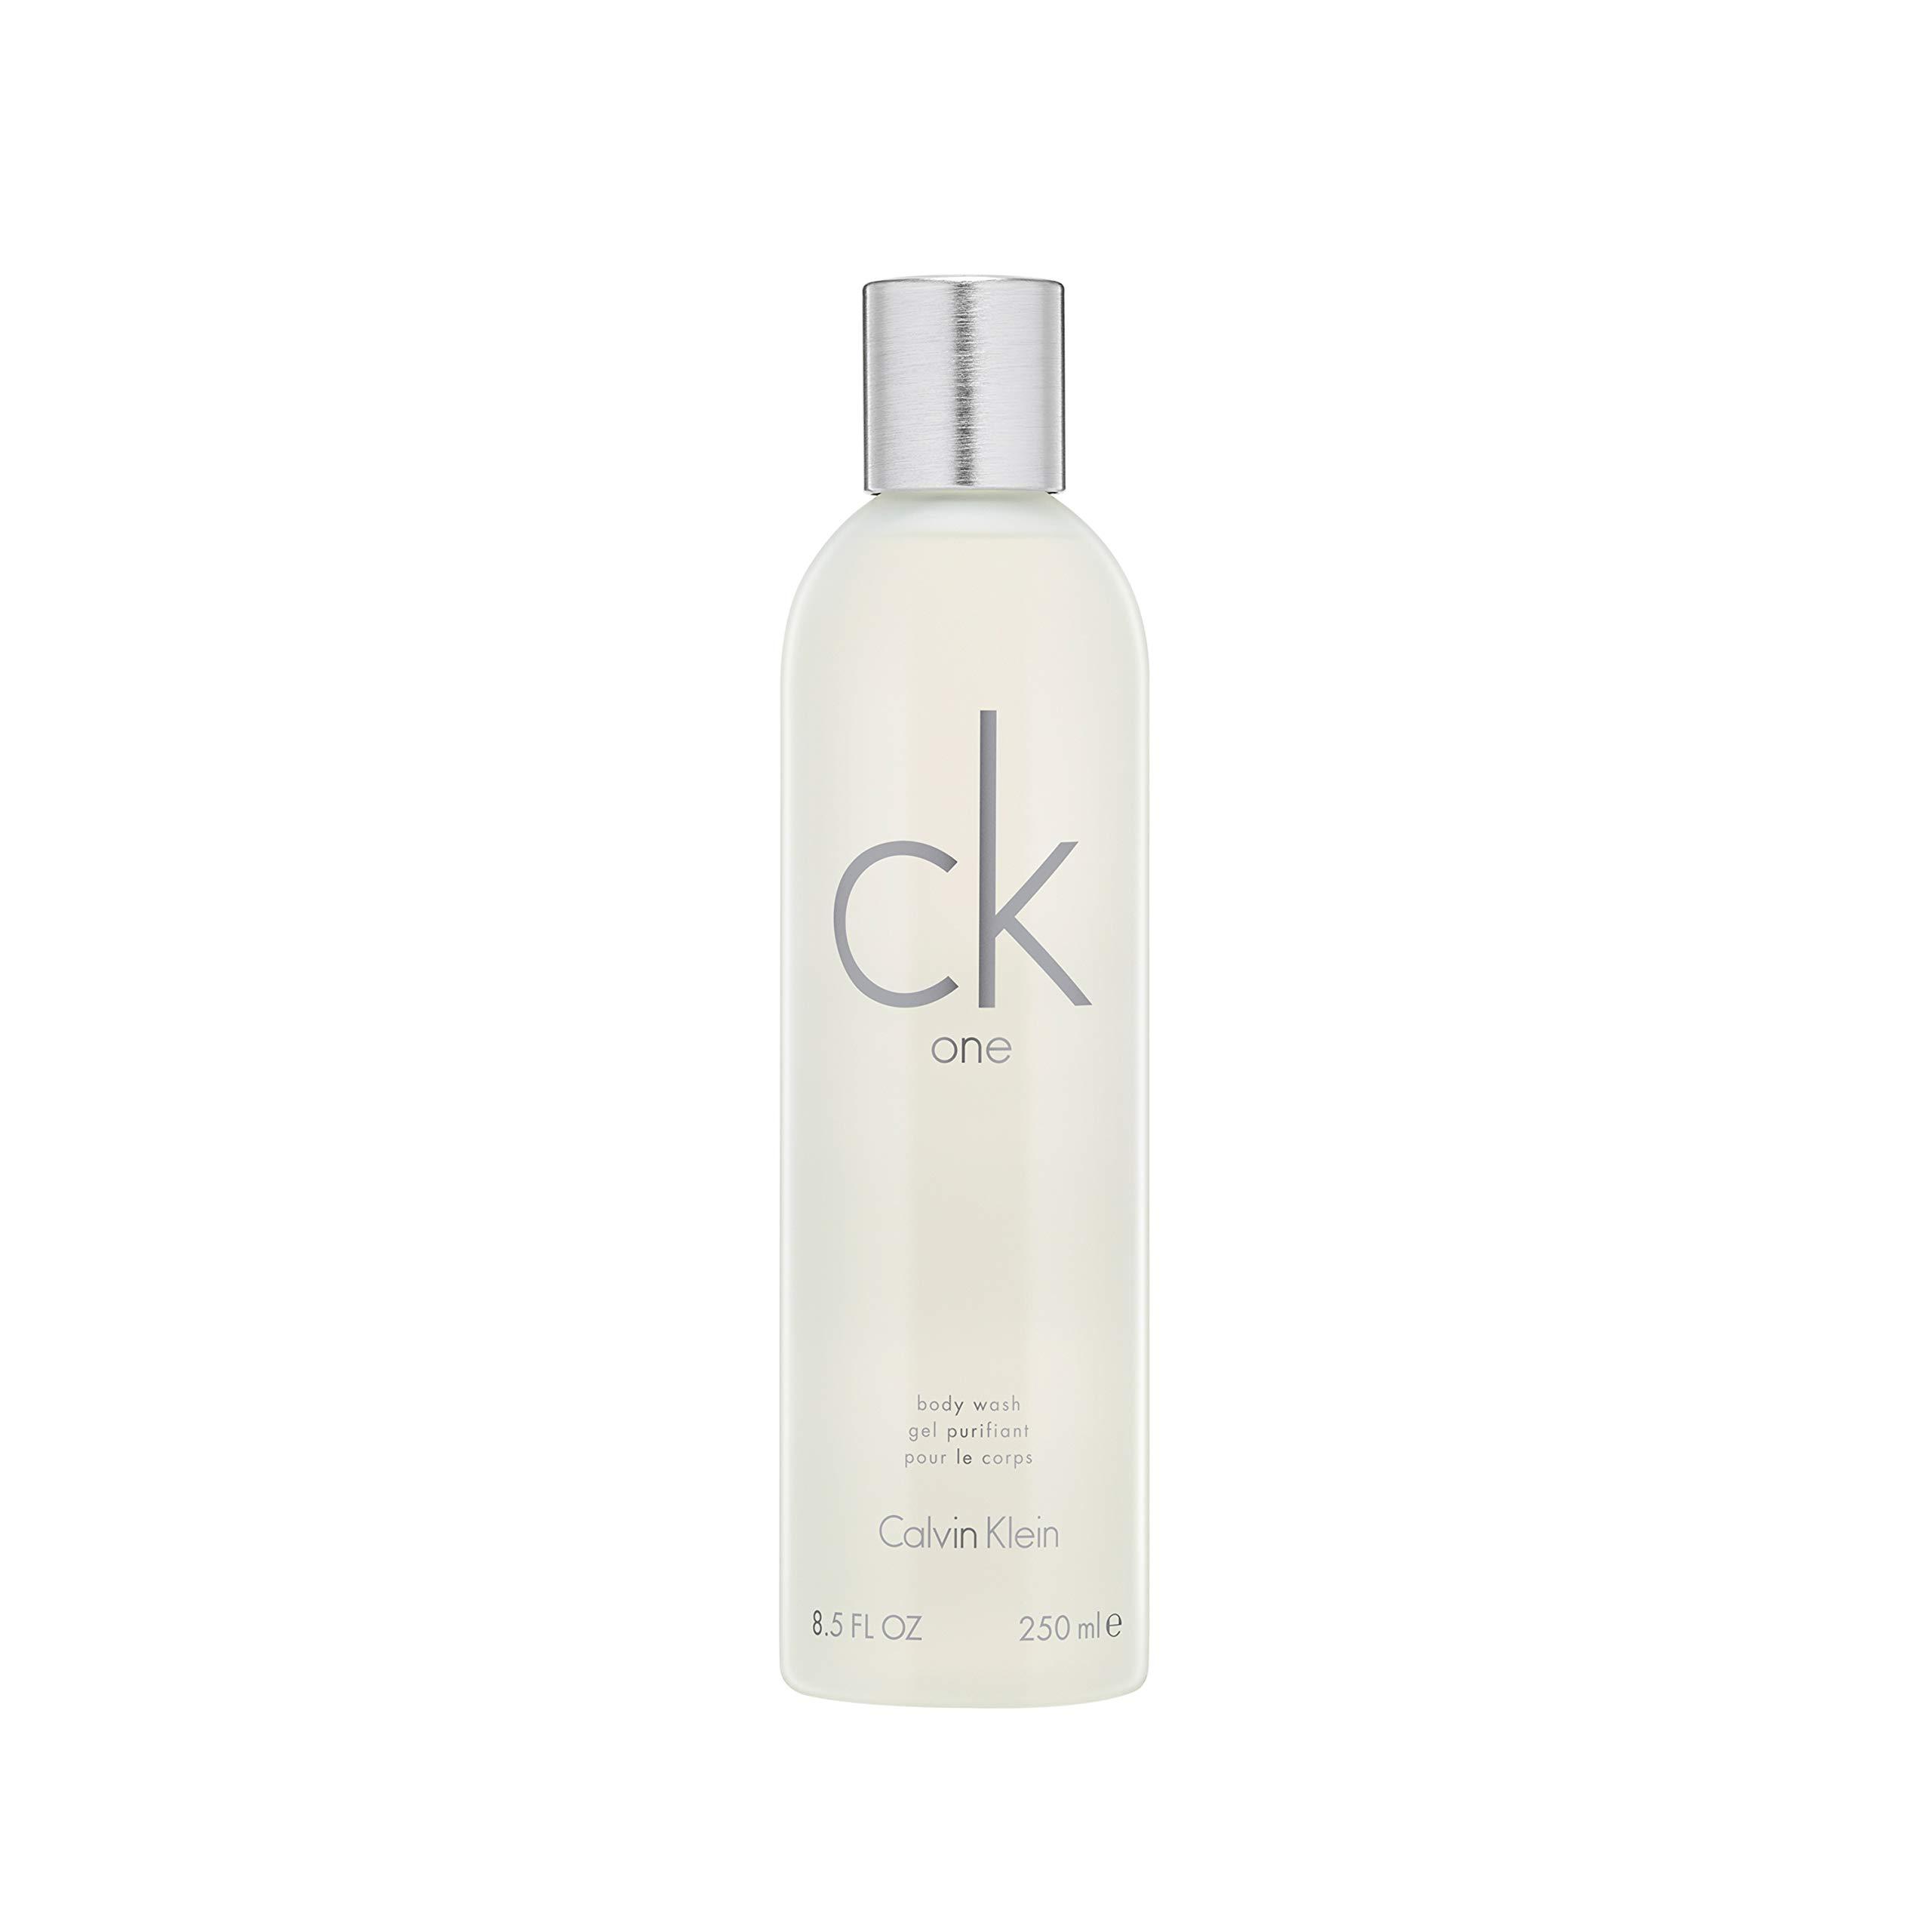 Calvin Klein CK One Shower Gel, 250 ml